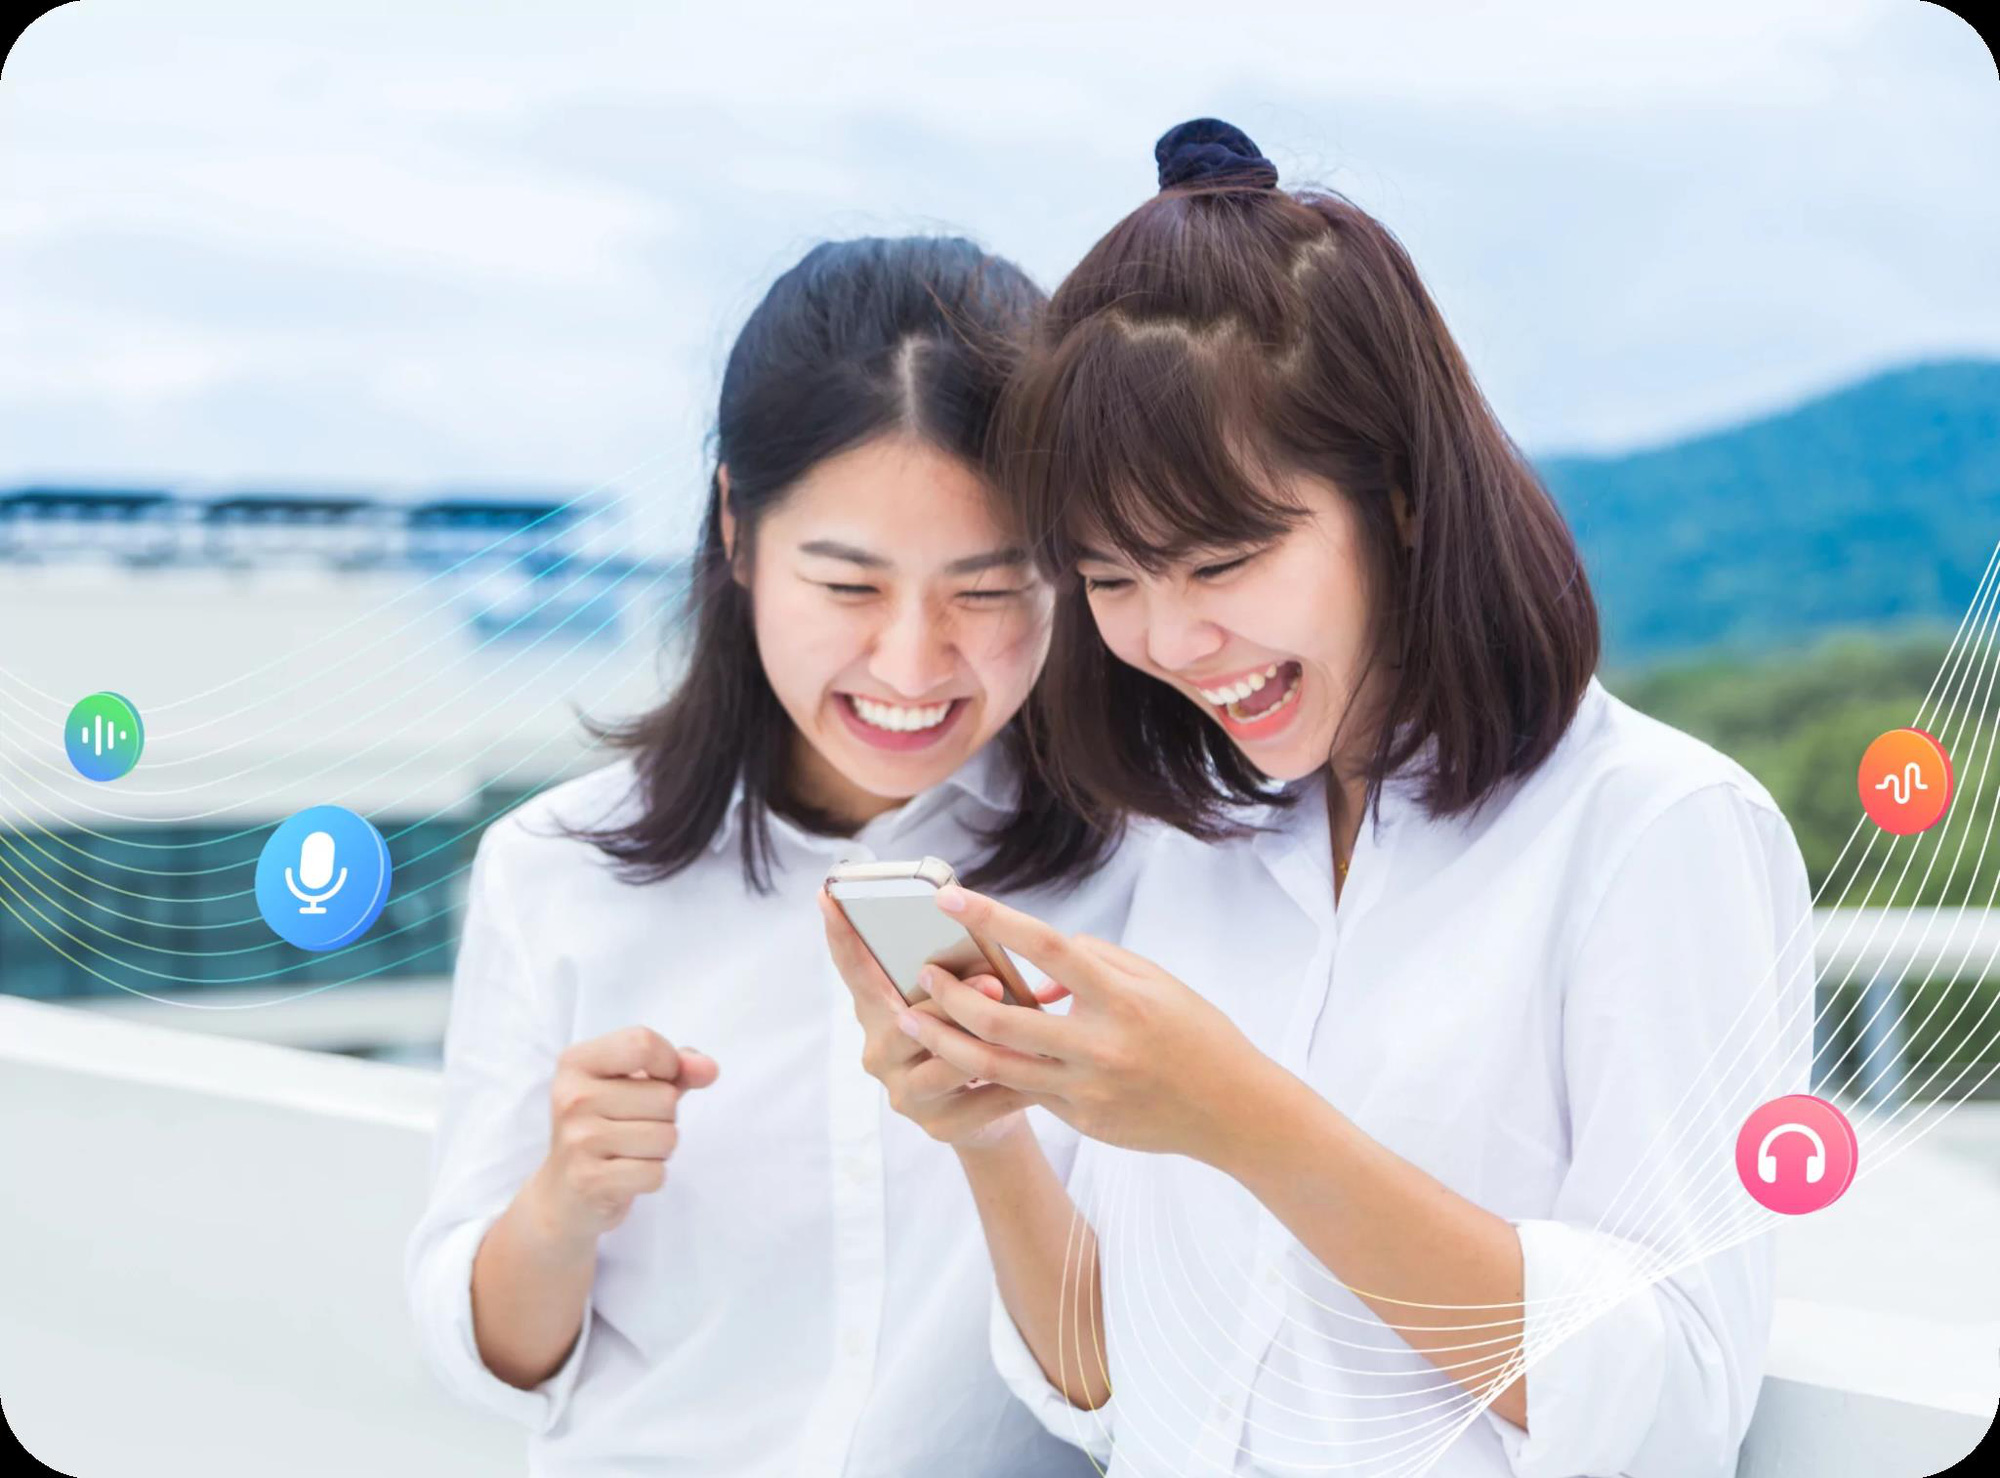 Học sinh - sinh viên và giáo viên toàn quốc có thể luyện nói tiếng Anh chuẩn miễn phí tại nhà trong giai đoạn này - Ảnh 1.